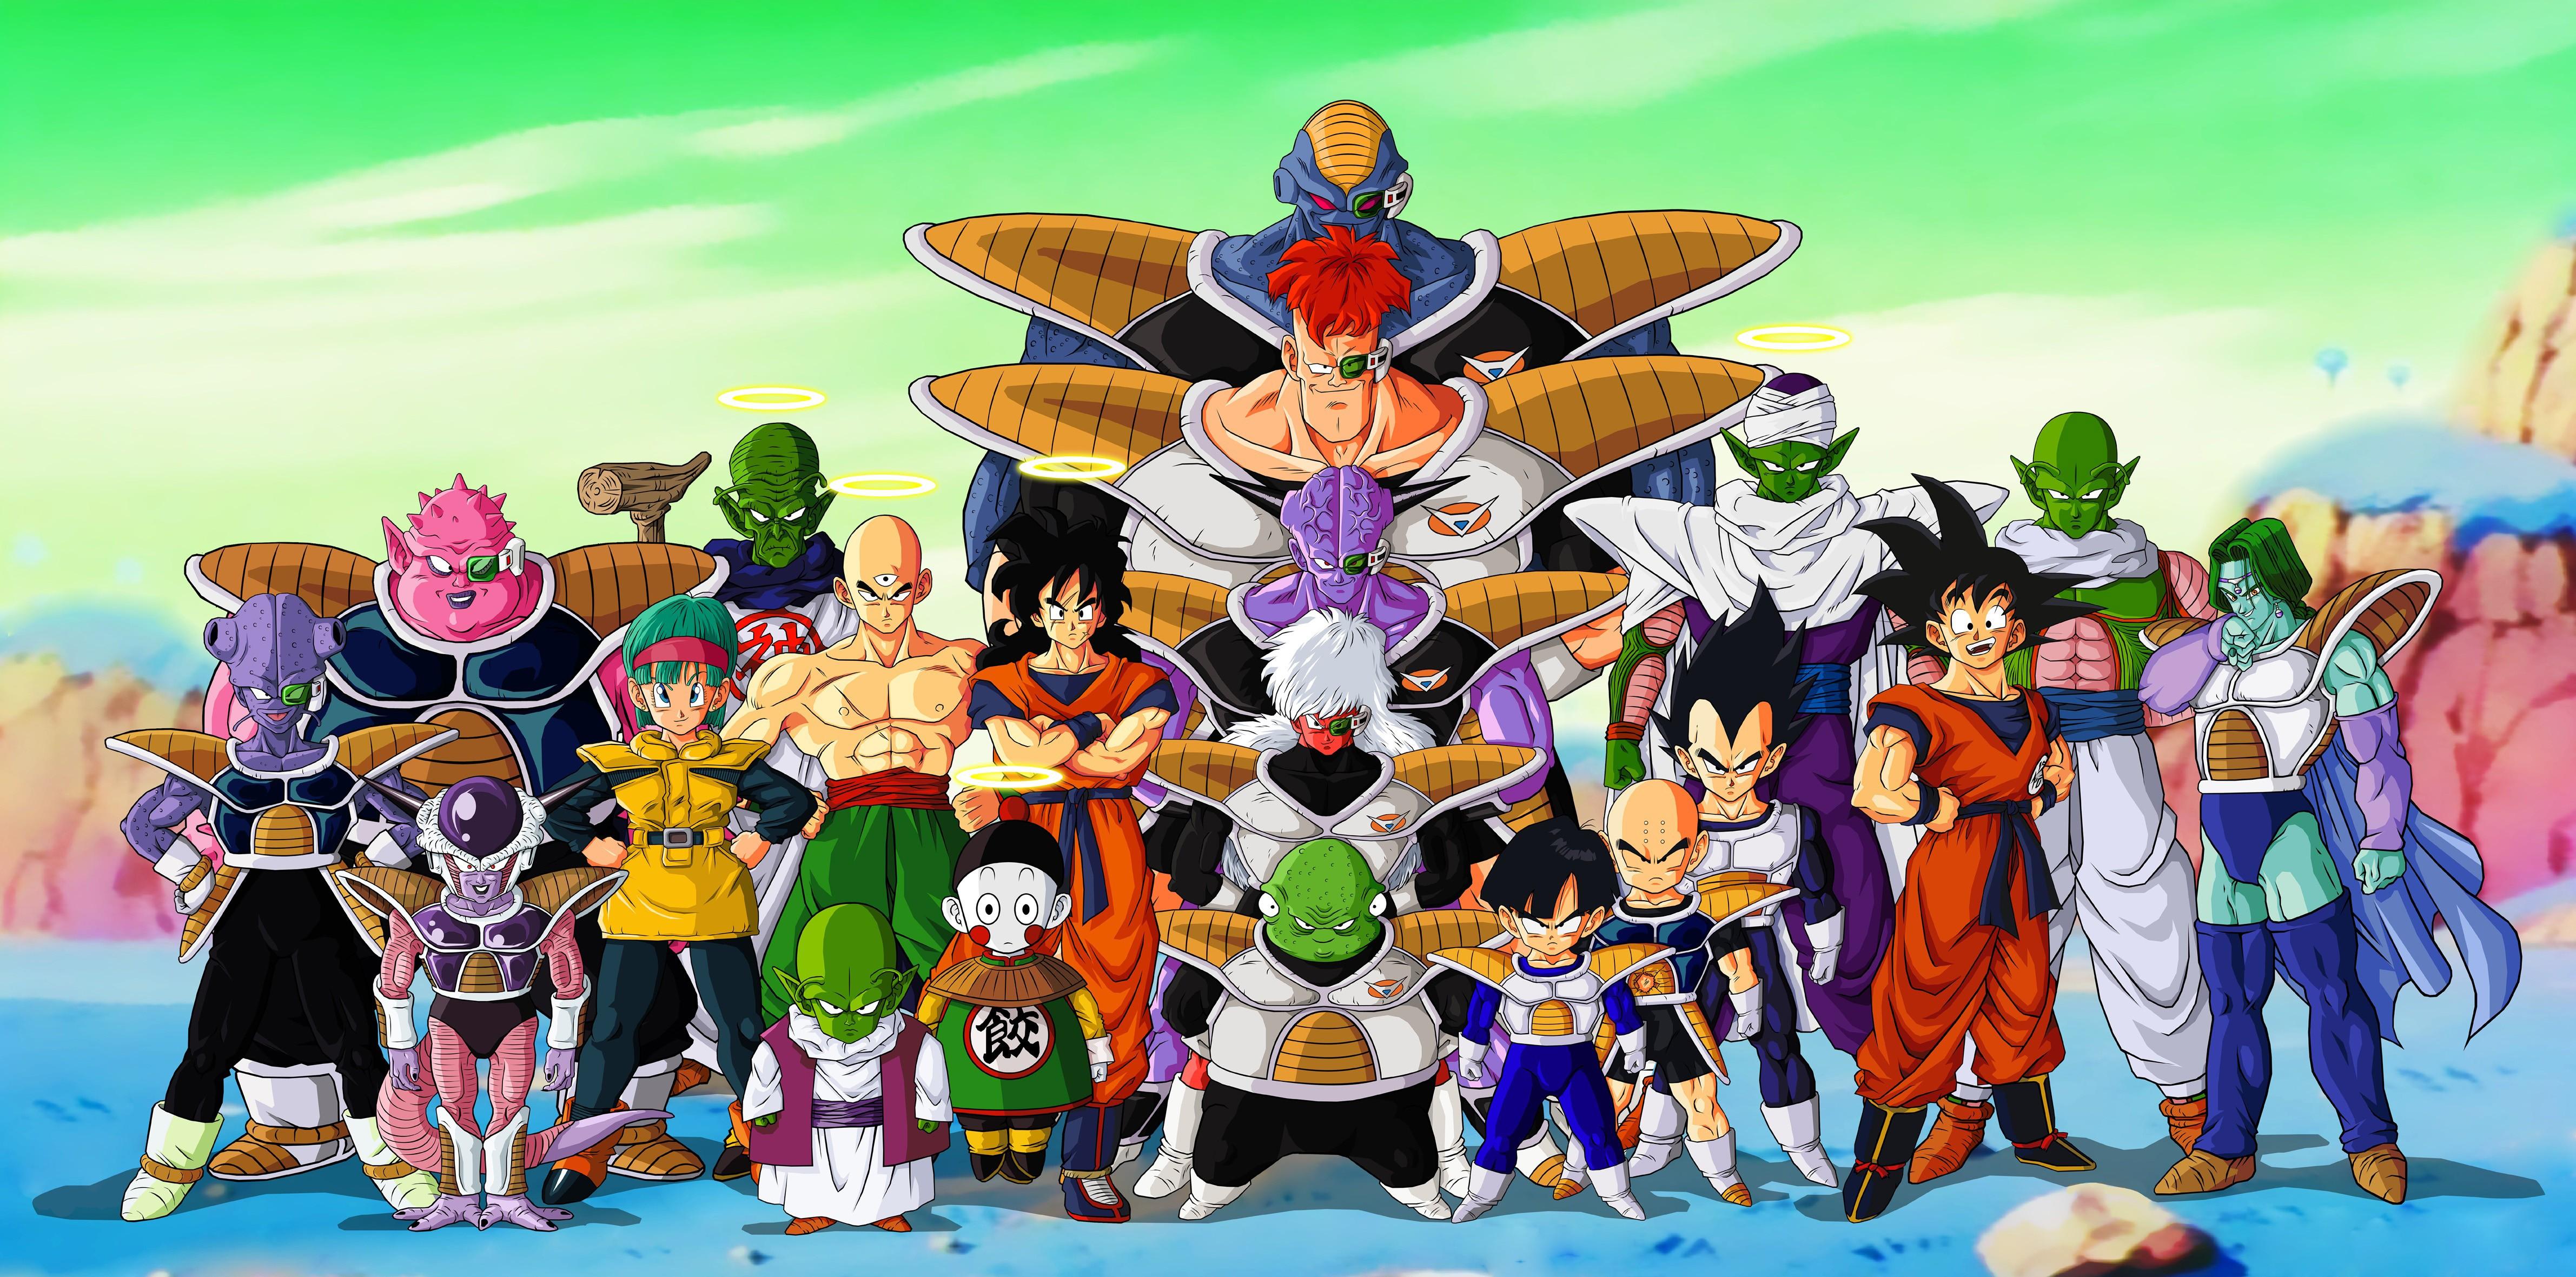 hình minh họa Anime Ngọc rồng bảy viên ngọc rông Ảnh chụp màn hình Nhà hát